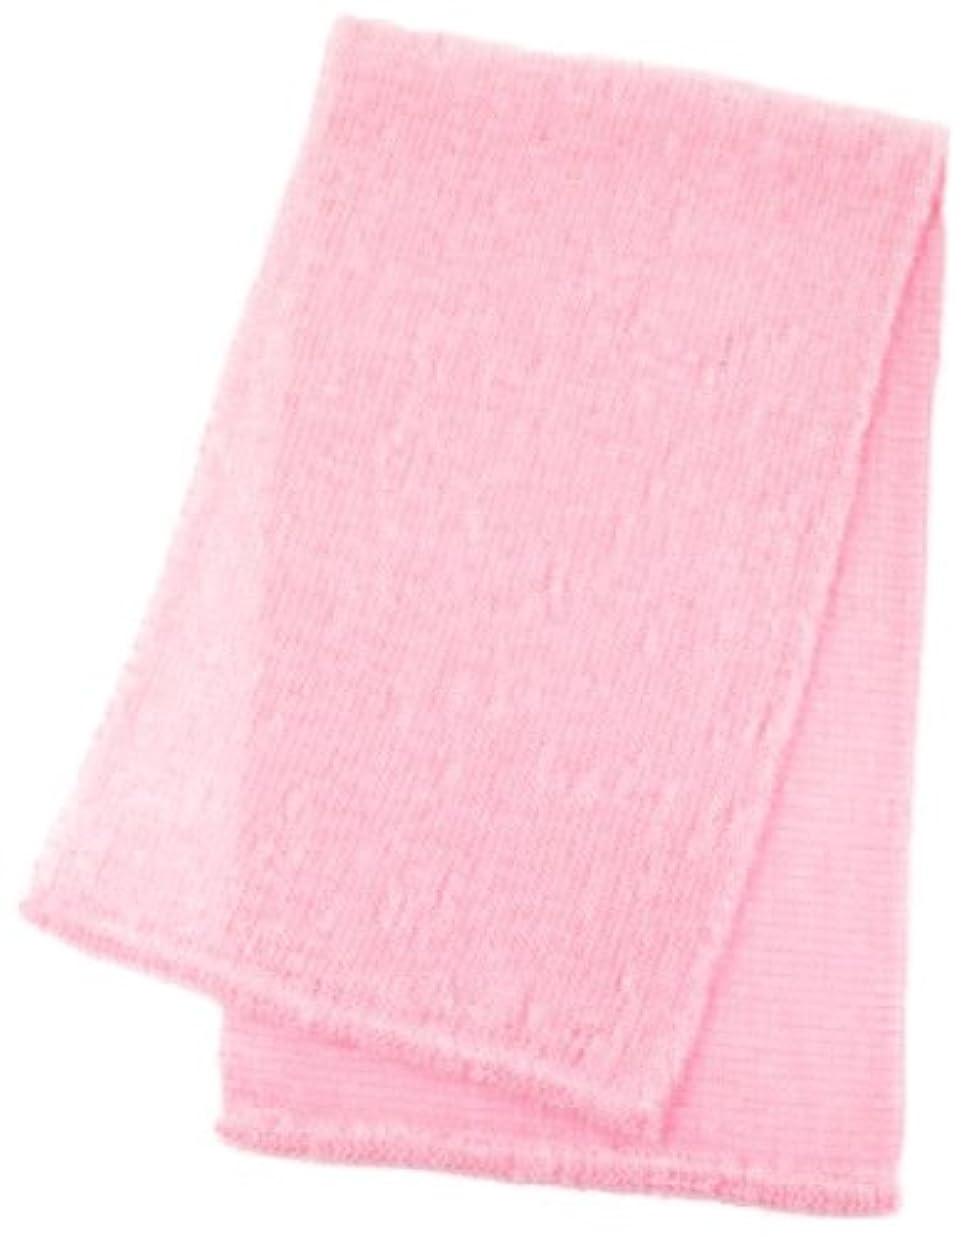 平衡もの寛容マーナ ボディタオル 「泡工場」 ピンク B557P